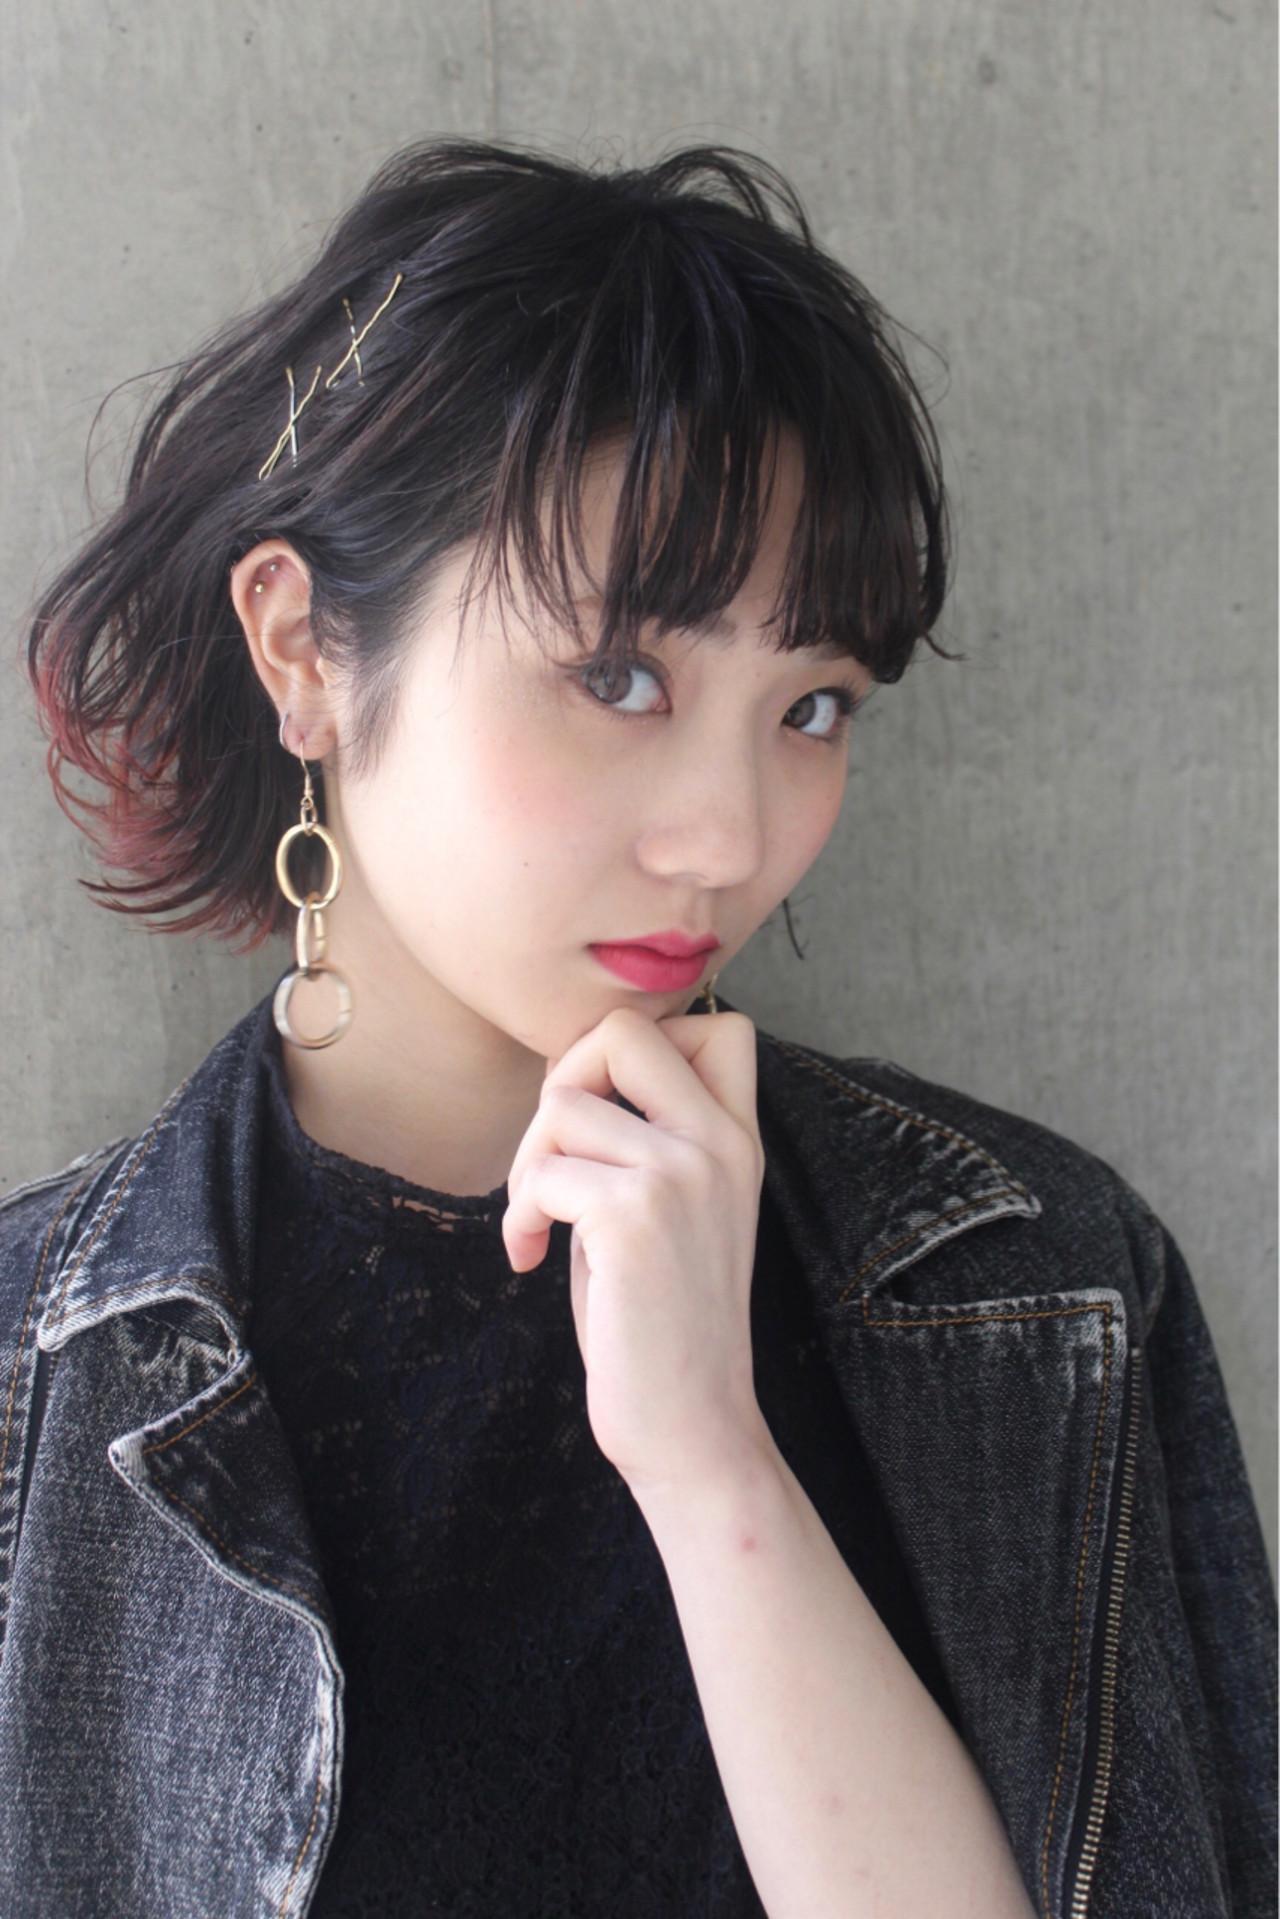 パーマ 前髪あり ハイライト 大人女子 ヘアスタイルや髪型の写真・画像